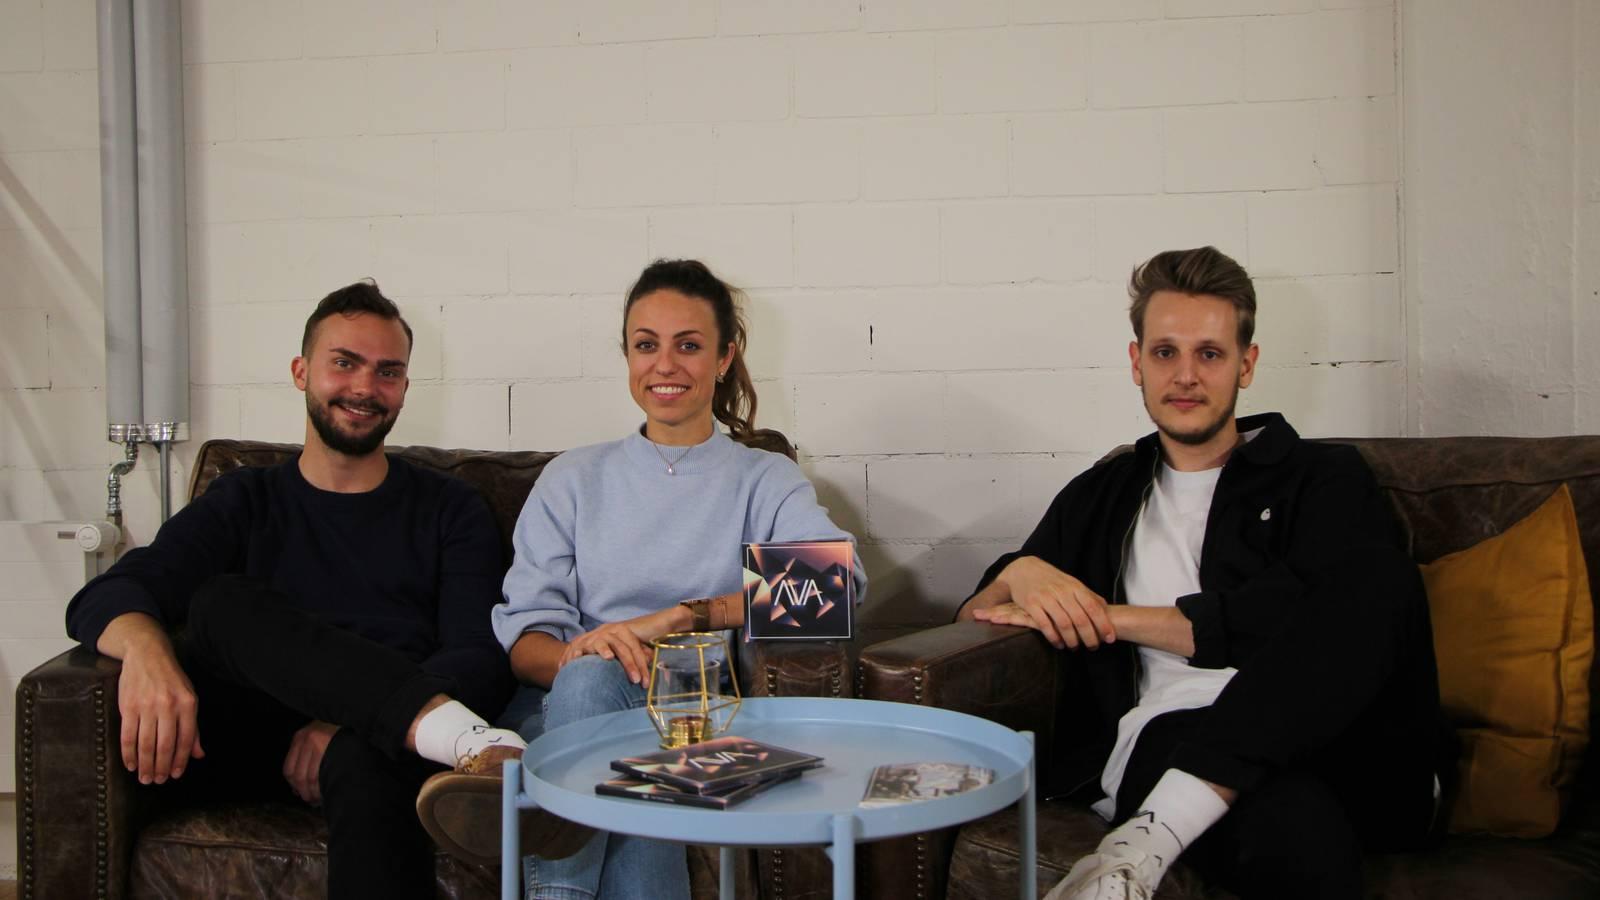 Die Band Ava (Andy, Kim und Nicola v.l.) feiert am Freitag ihre Plattentaufe. (© FM1Today)